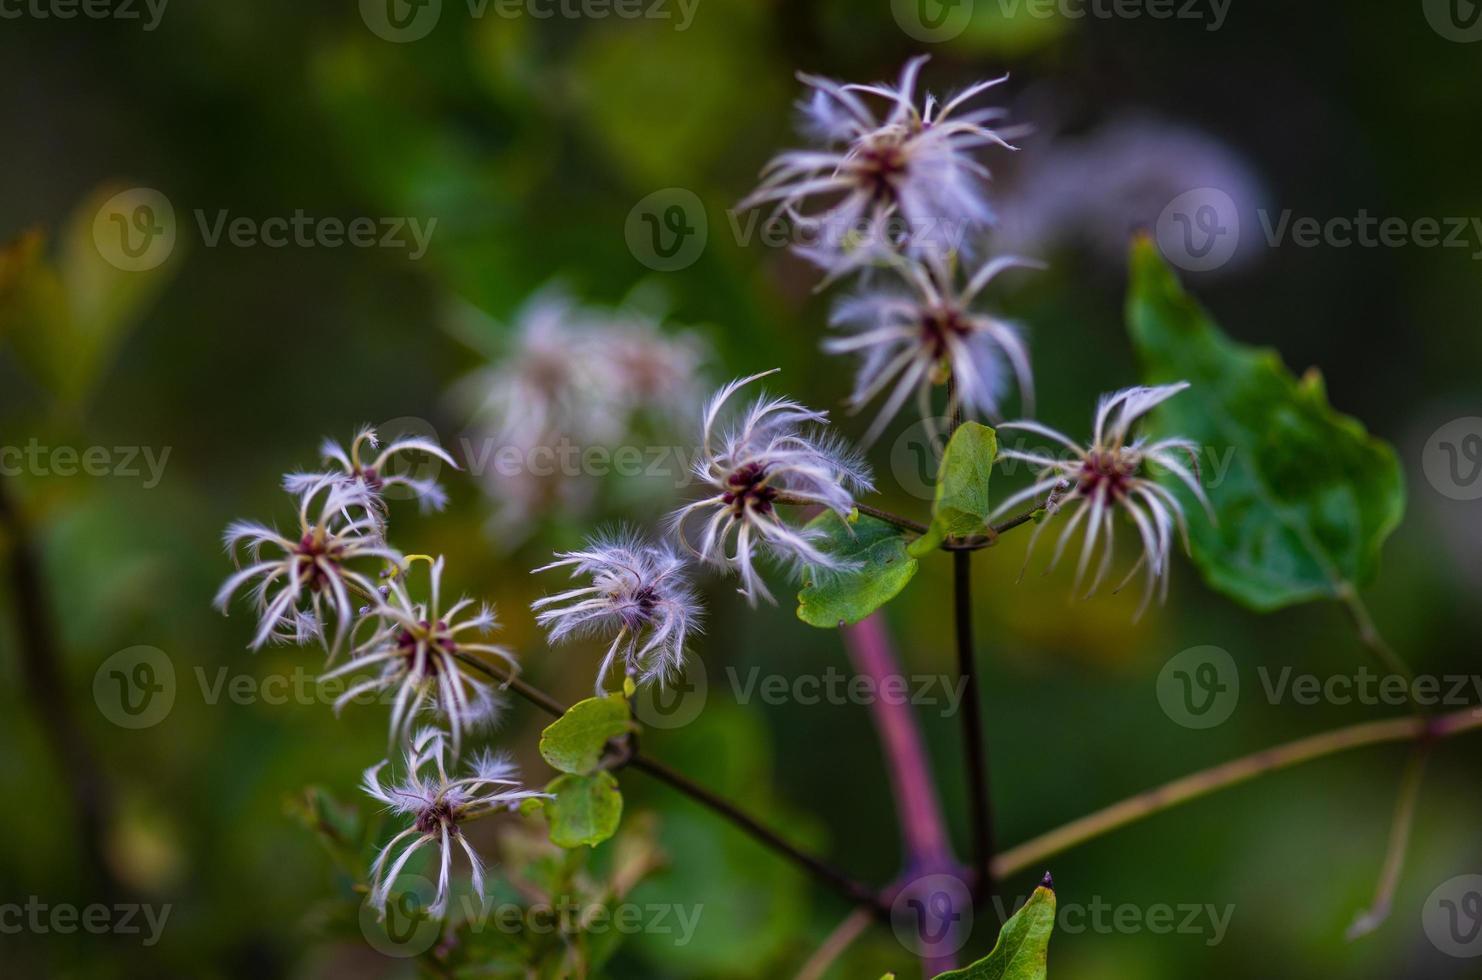 närbild av vilda växter foto